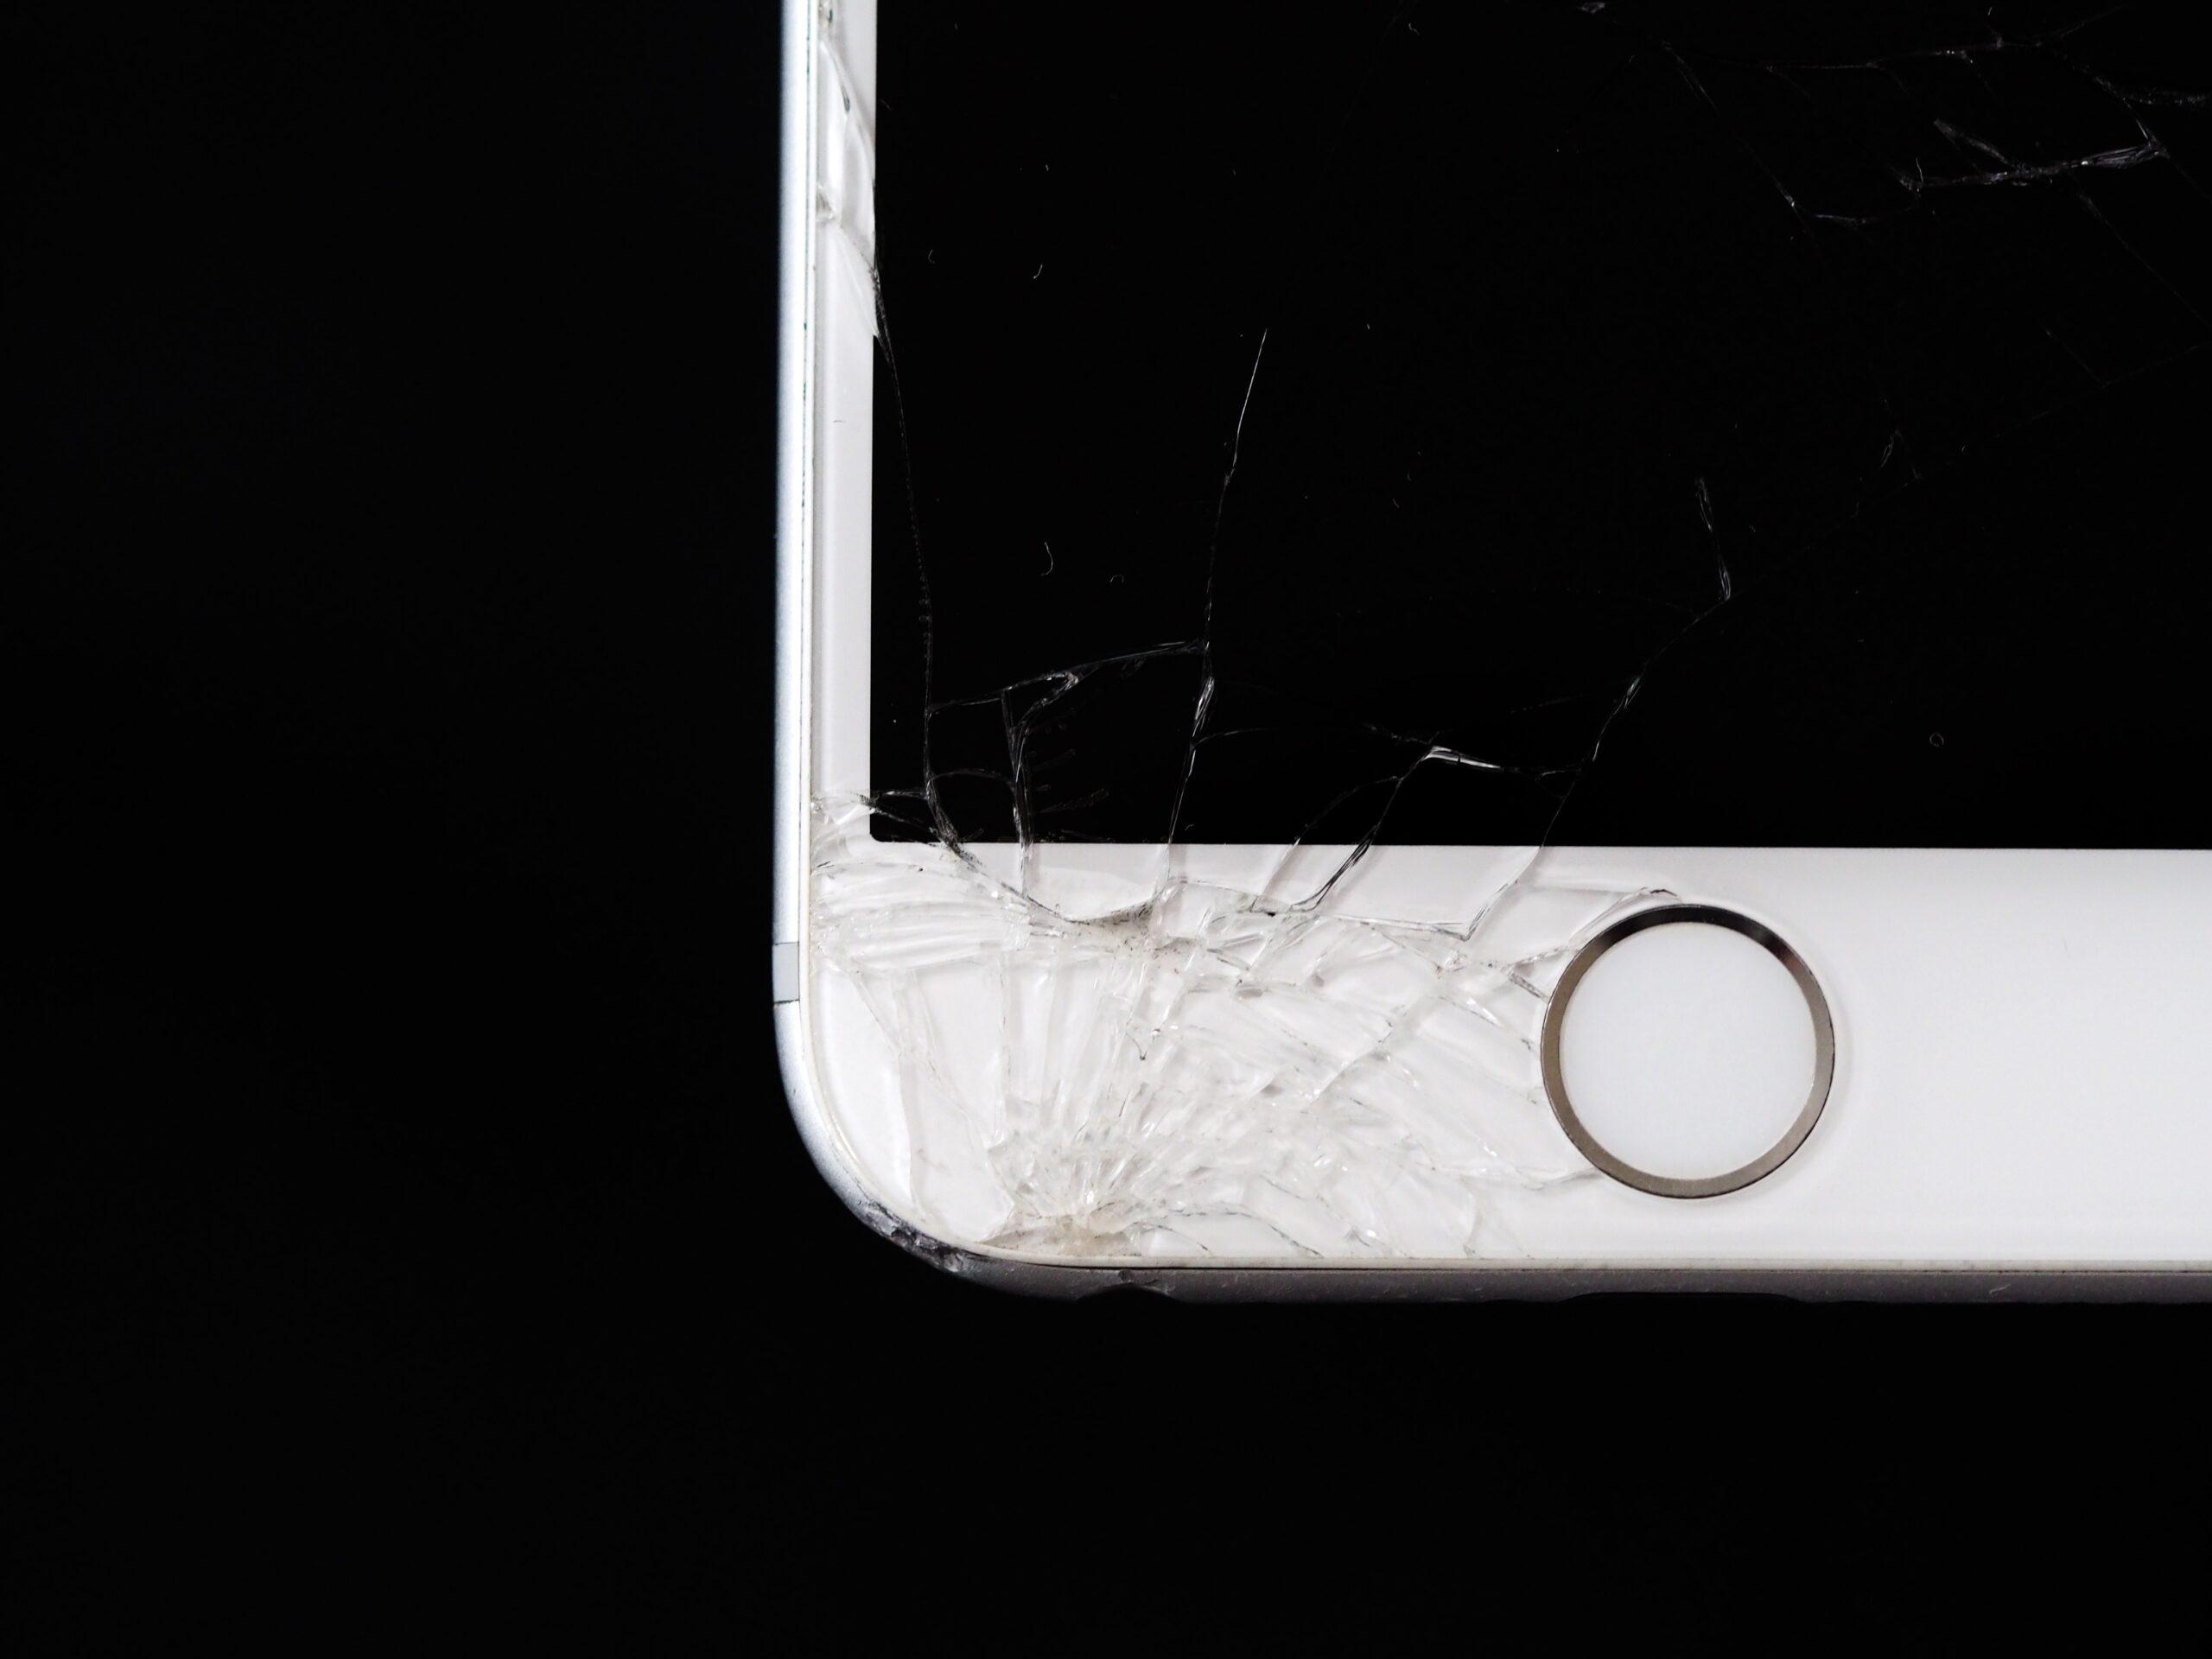 IPhone repareren of een nieuwe kopen?